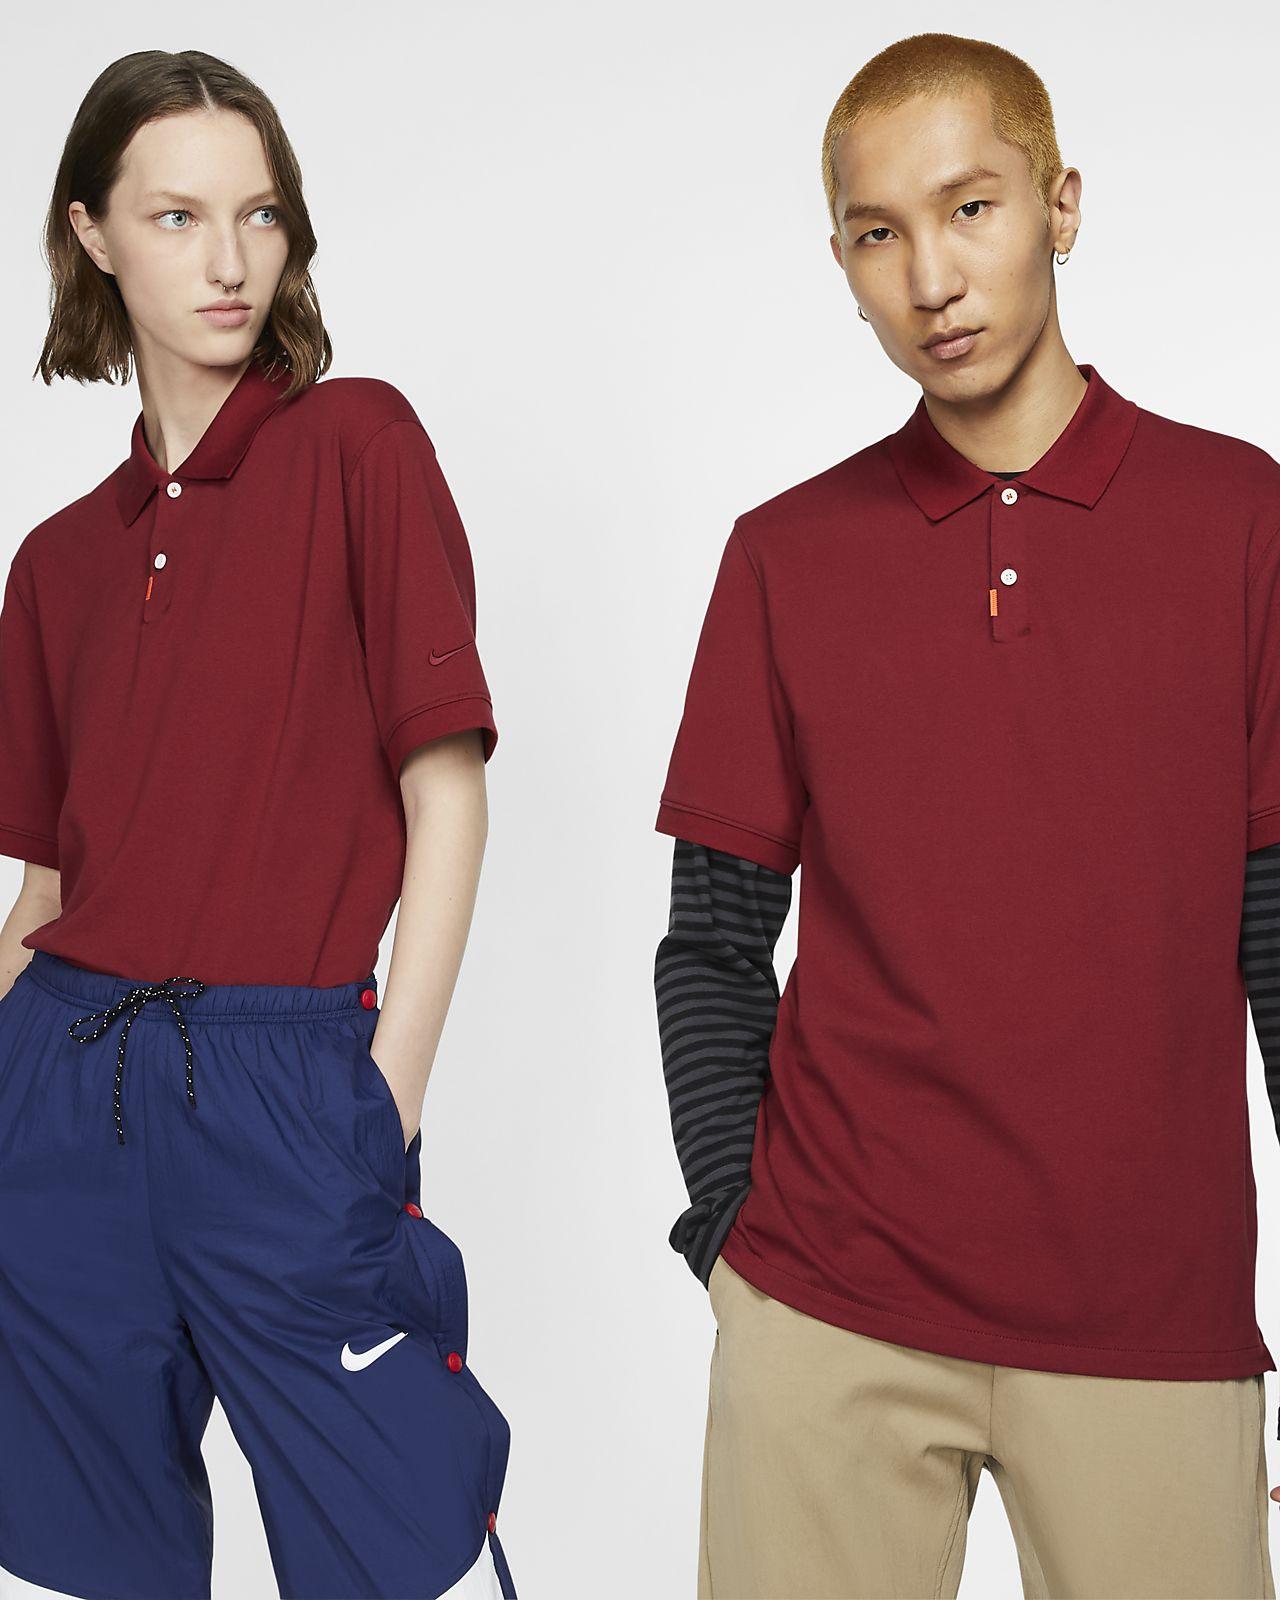 Polo de corte estreito The Nike Polo unissexo